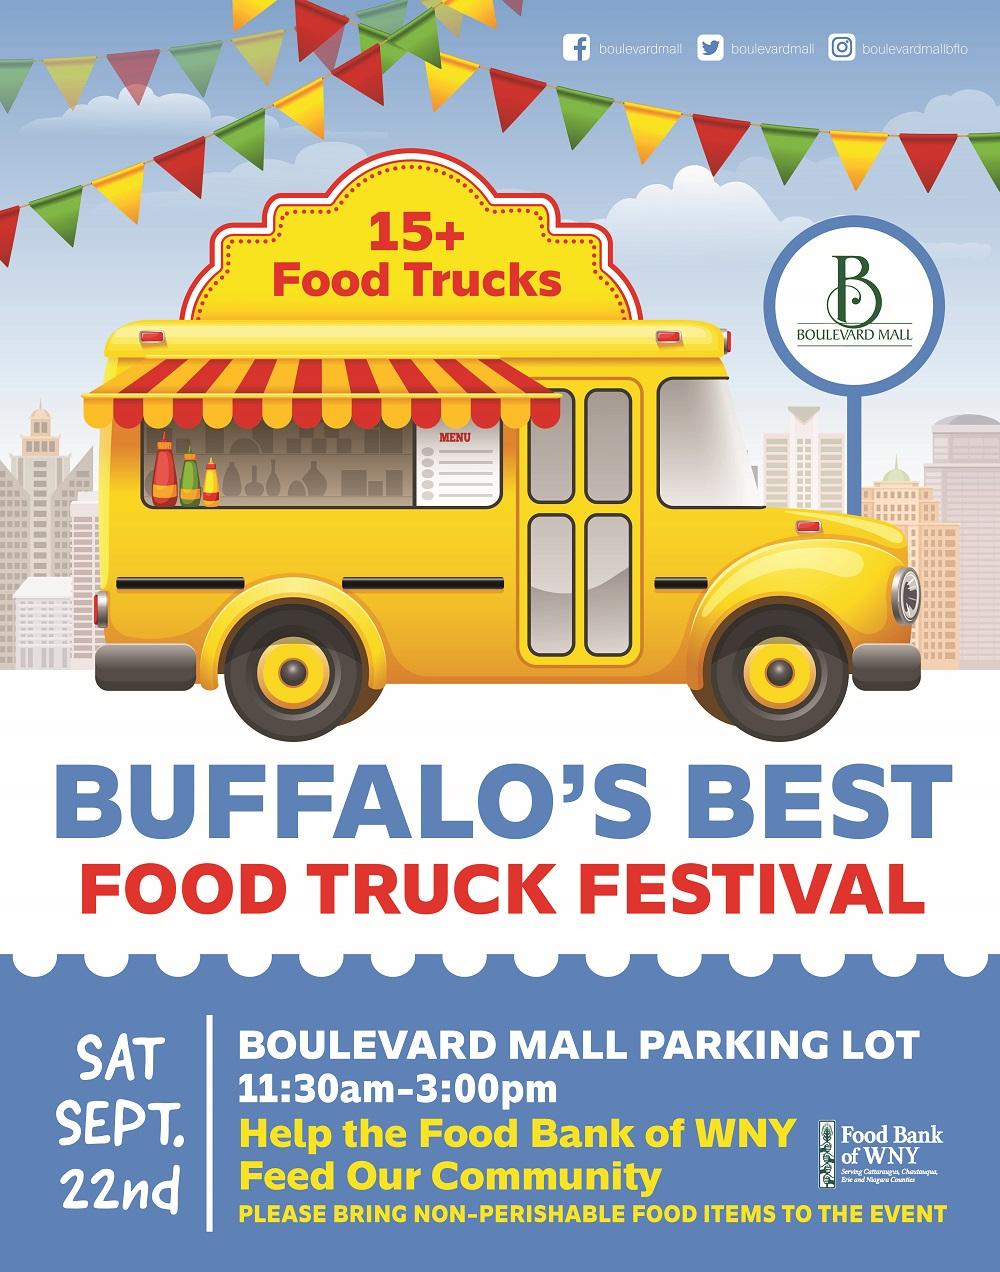 Buffalo's Best Food Truck Festival